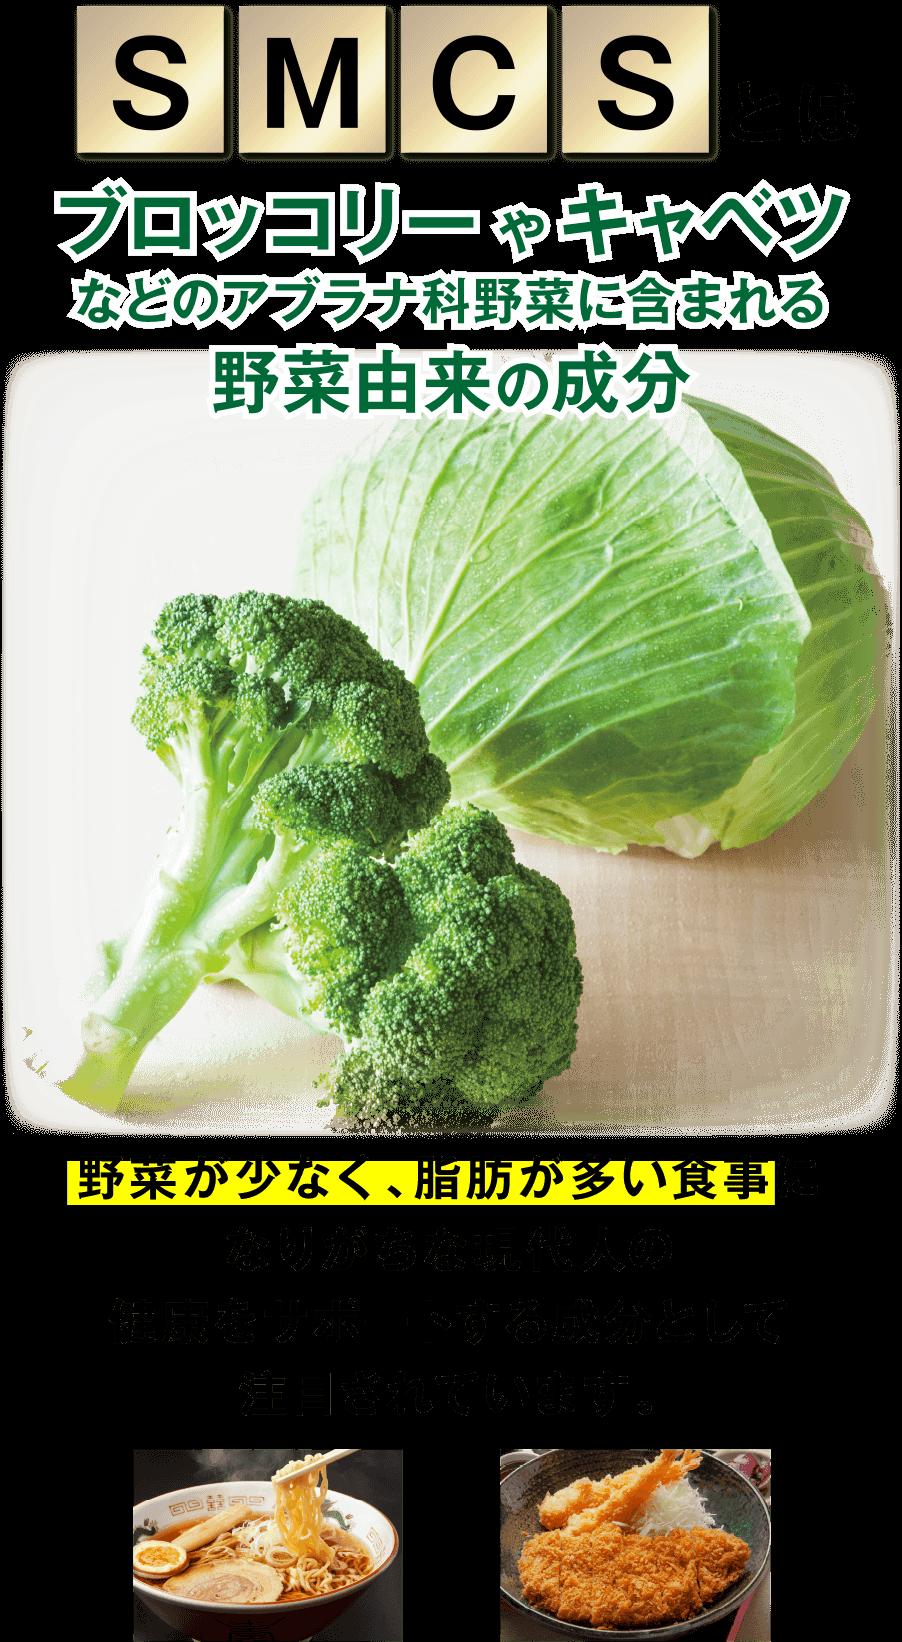 SMCSとは ブロッコリーやキャベツなどのアブナラ科野菜に含まれる野菜由来の成分